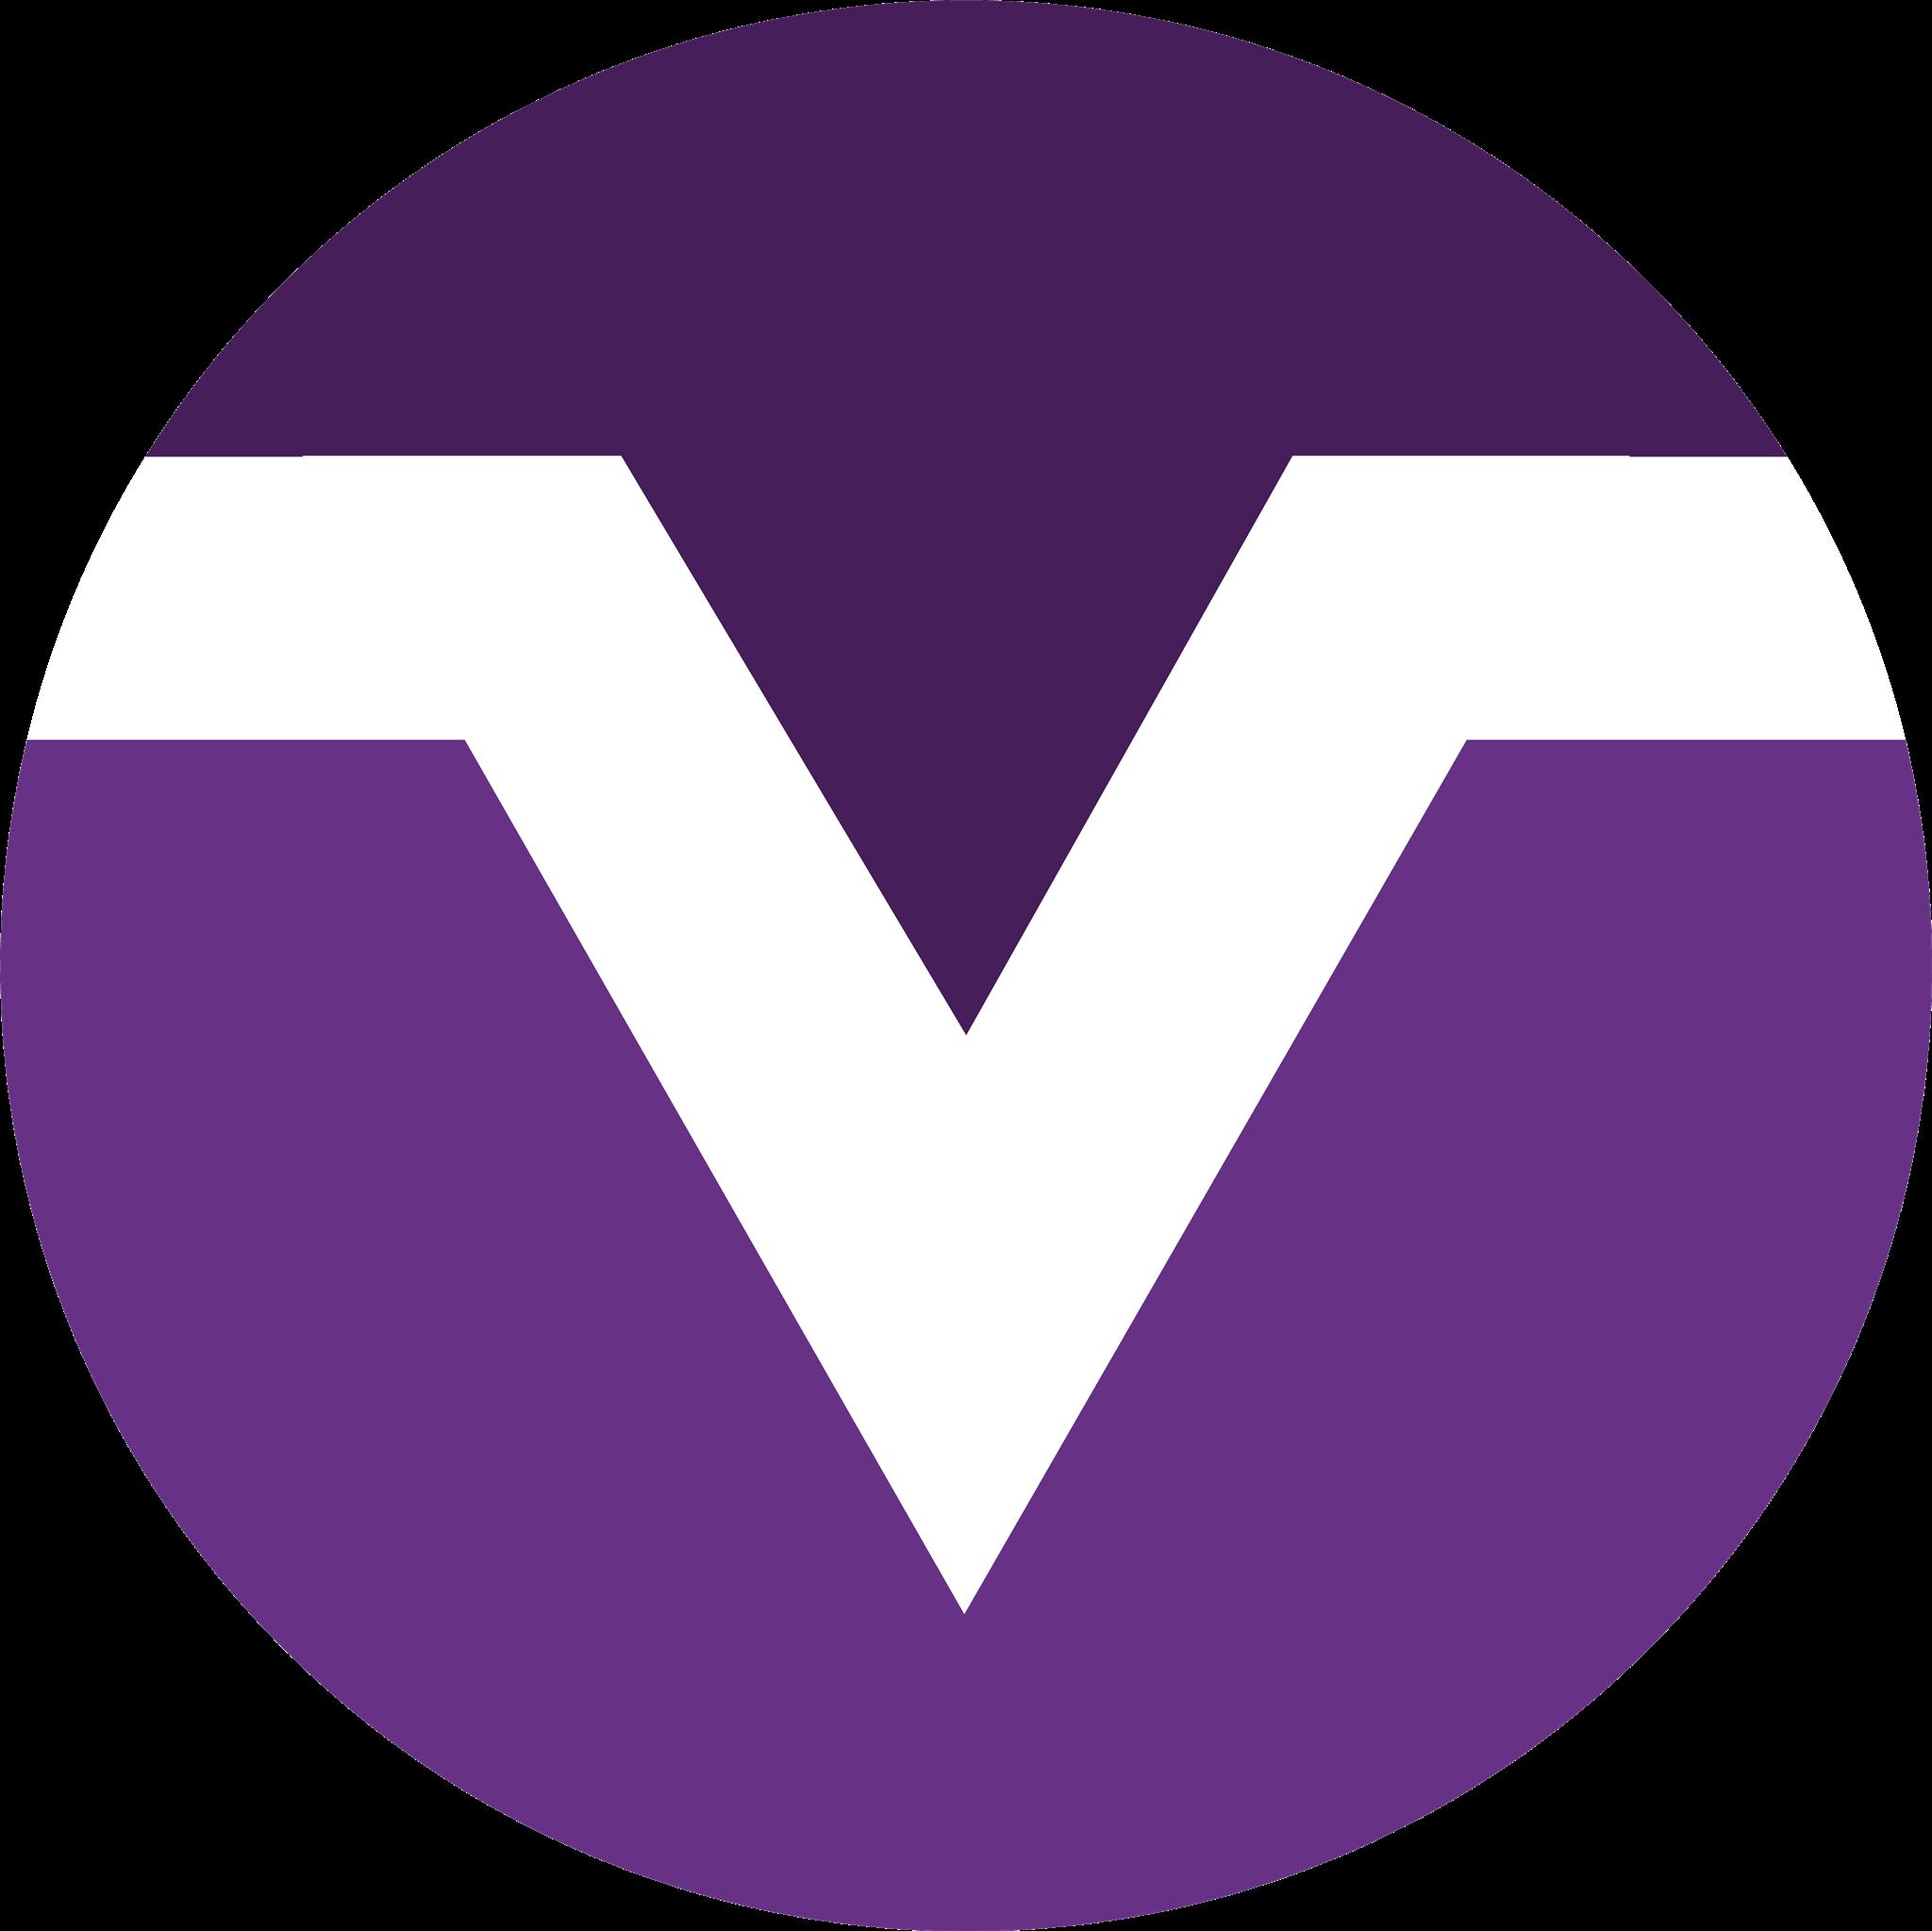 Monerov (xmv) logo